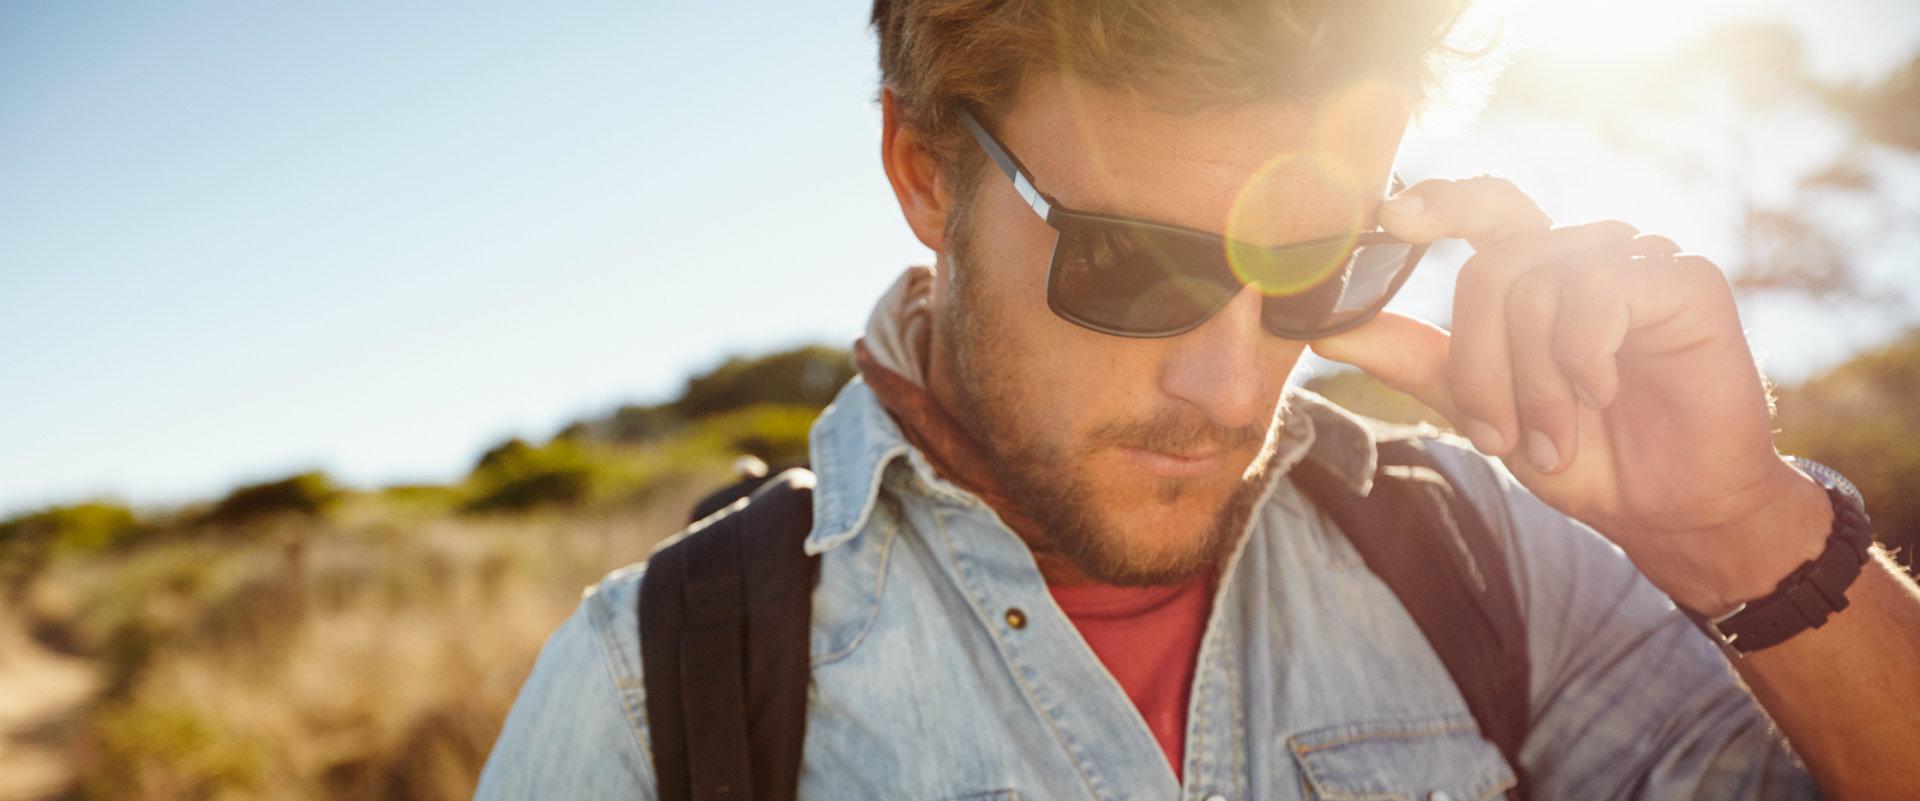 Hombre en el exterior con lentes de sol eagle eyes